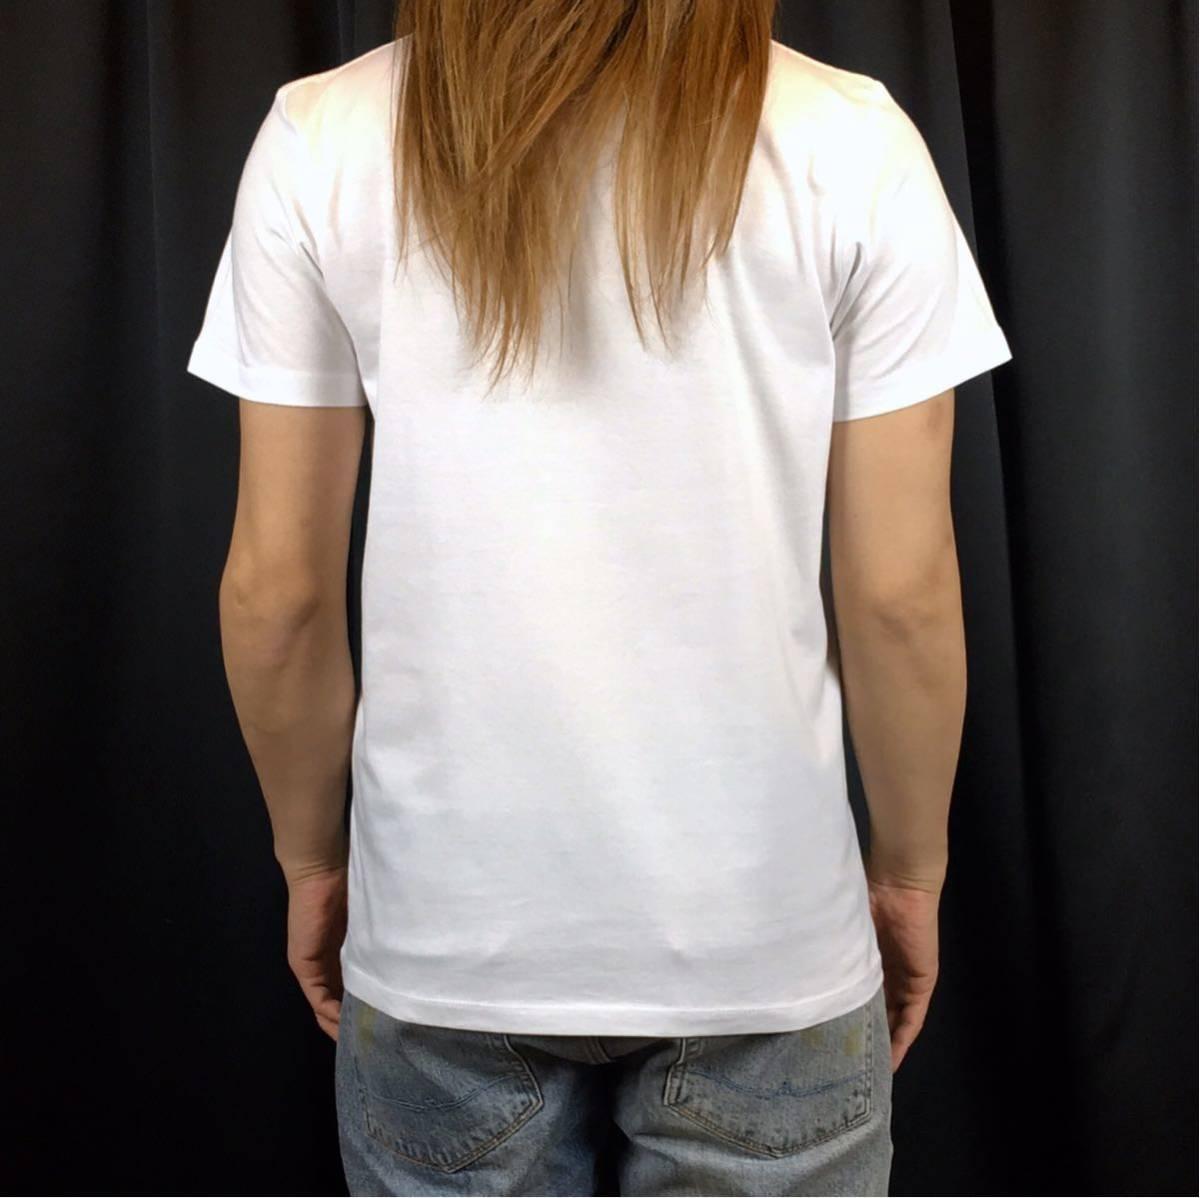 新品 サッカー メッシ Tシャツ S M L XL ワールドカップ バルセロナ アルゼンチン ロナウド ビッグ オーバー サイズ XXL~5XL 長袖 黒 対応_画像4